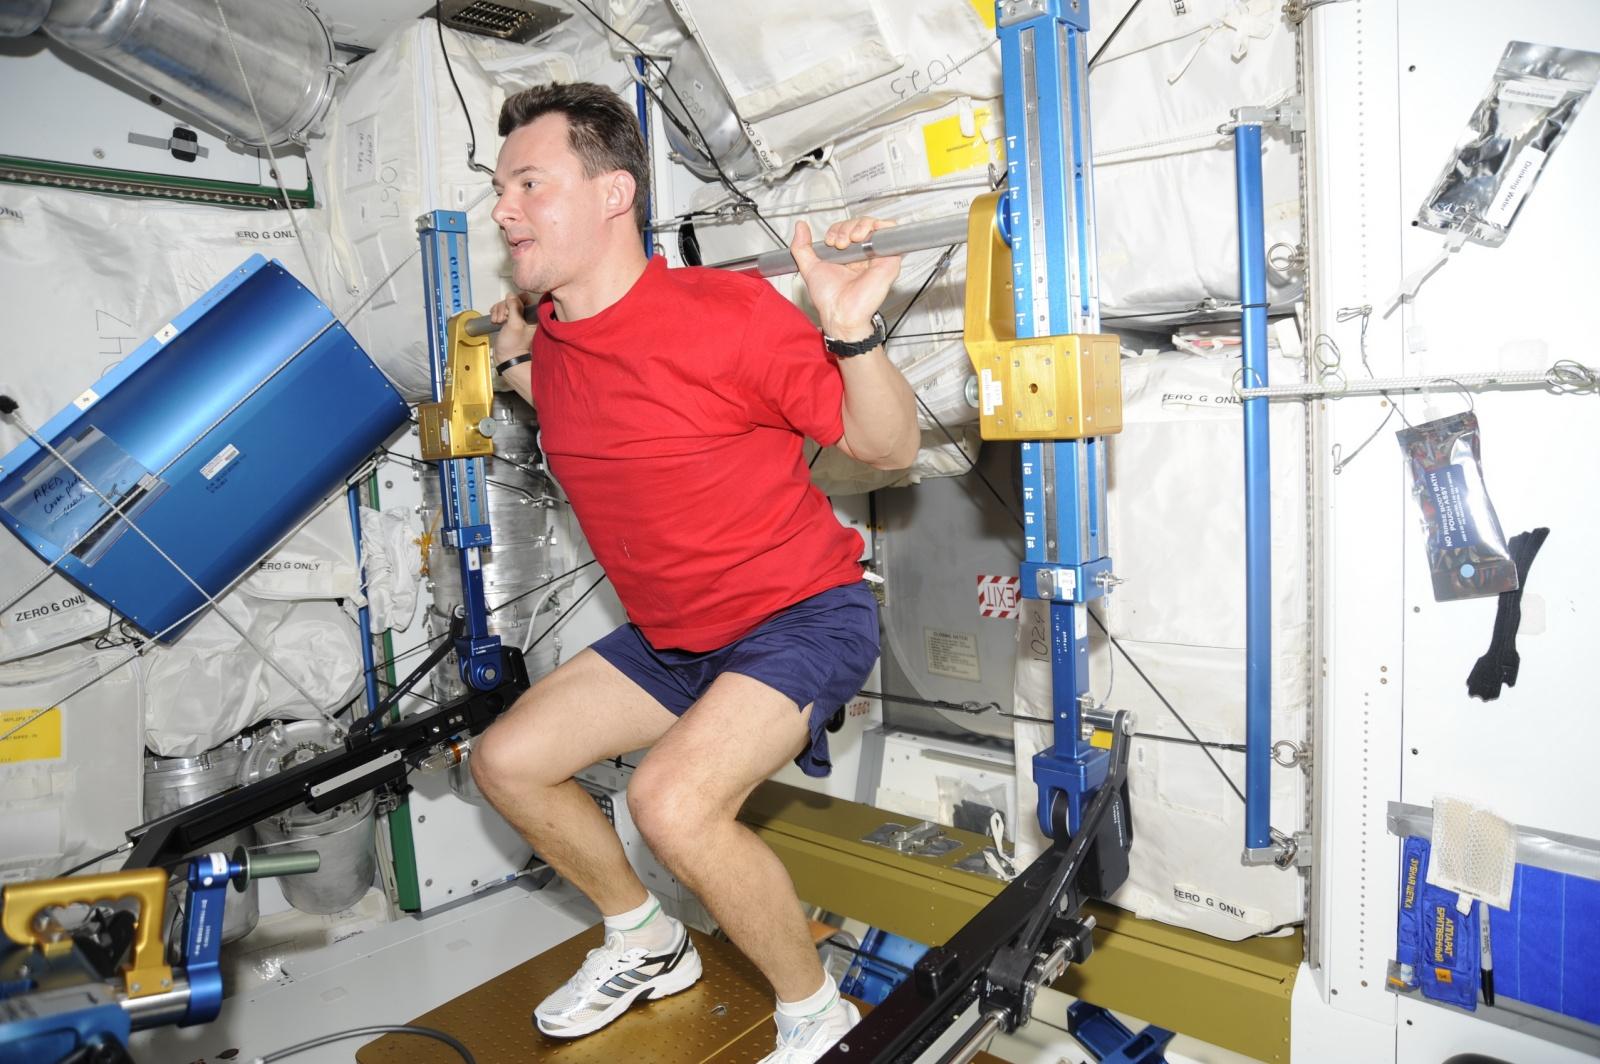 Интервью с космонавтом Александром Лавейкиным о космическом кино, перегрузках в 20 единиц и мягкой посадке - 3